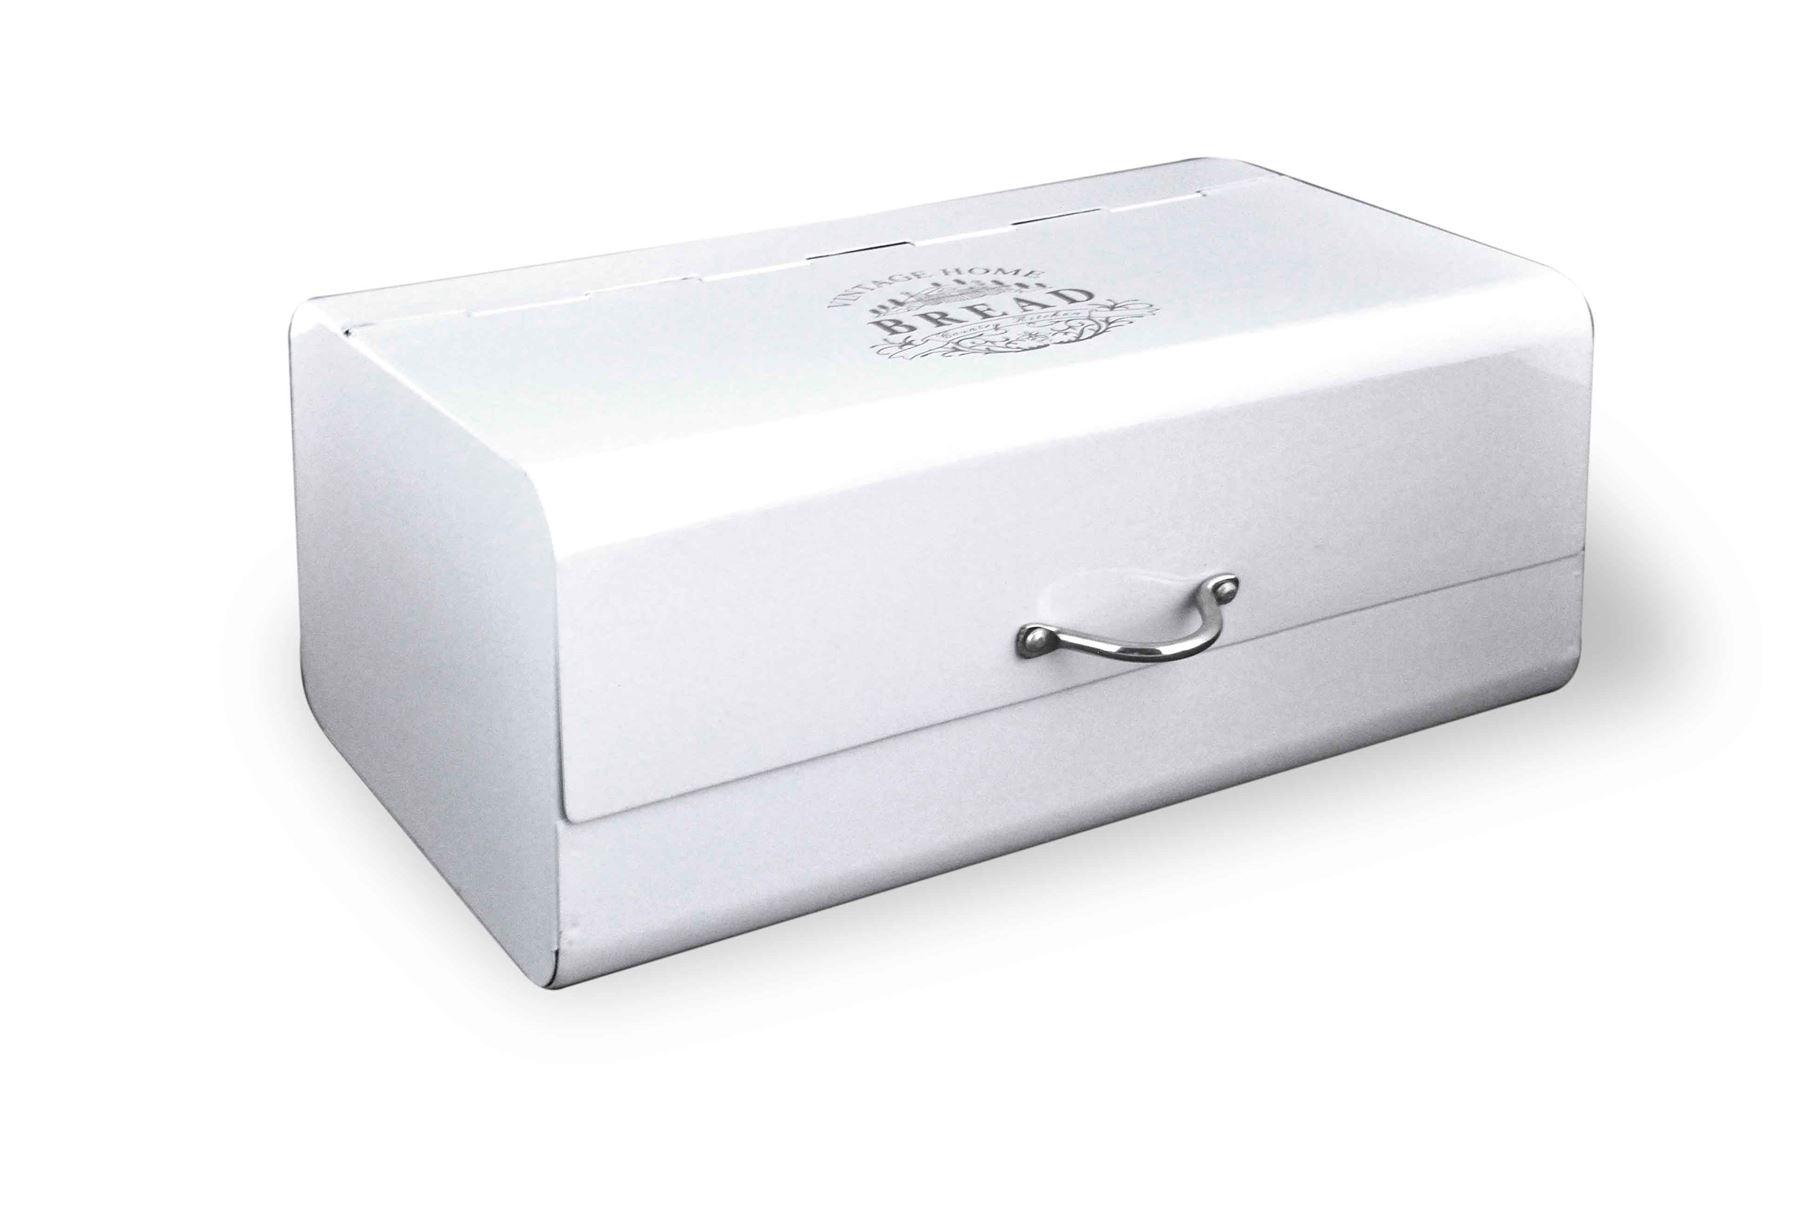 Bread Holder Bin Box Vintage Design Home Kitchen Storage Container ...